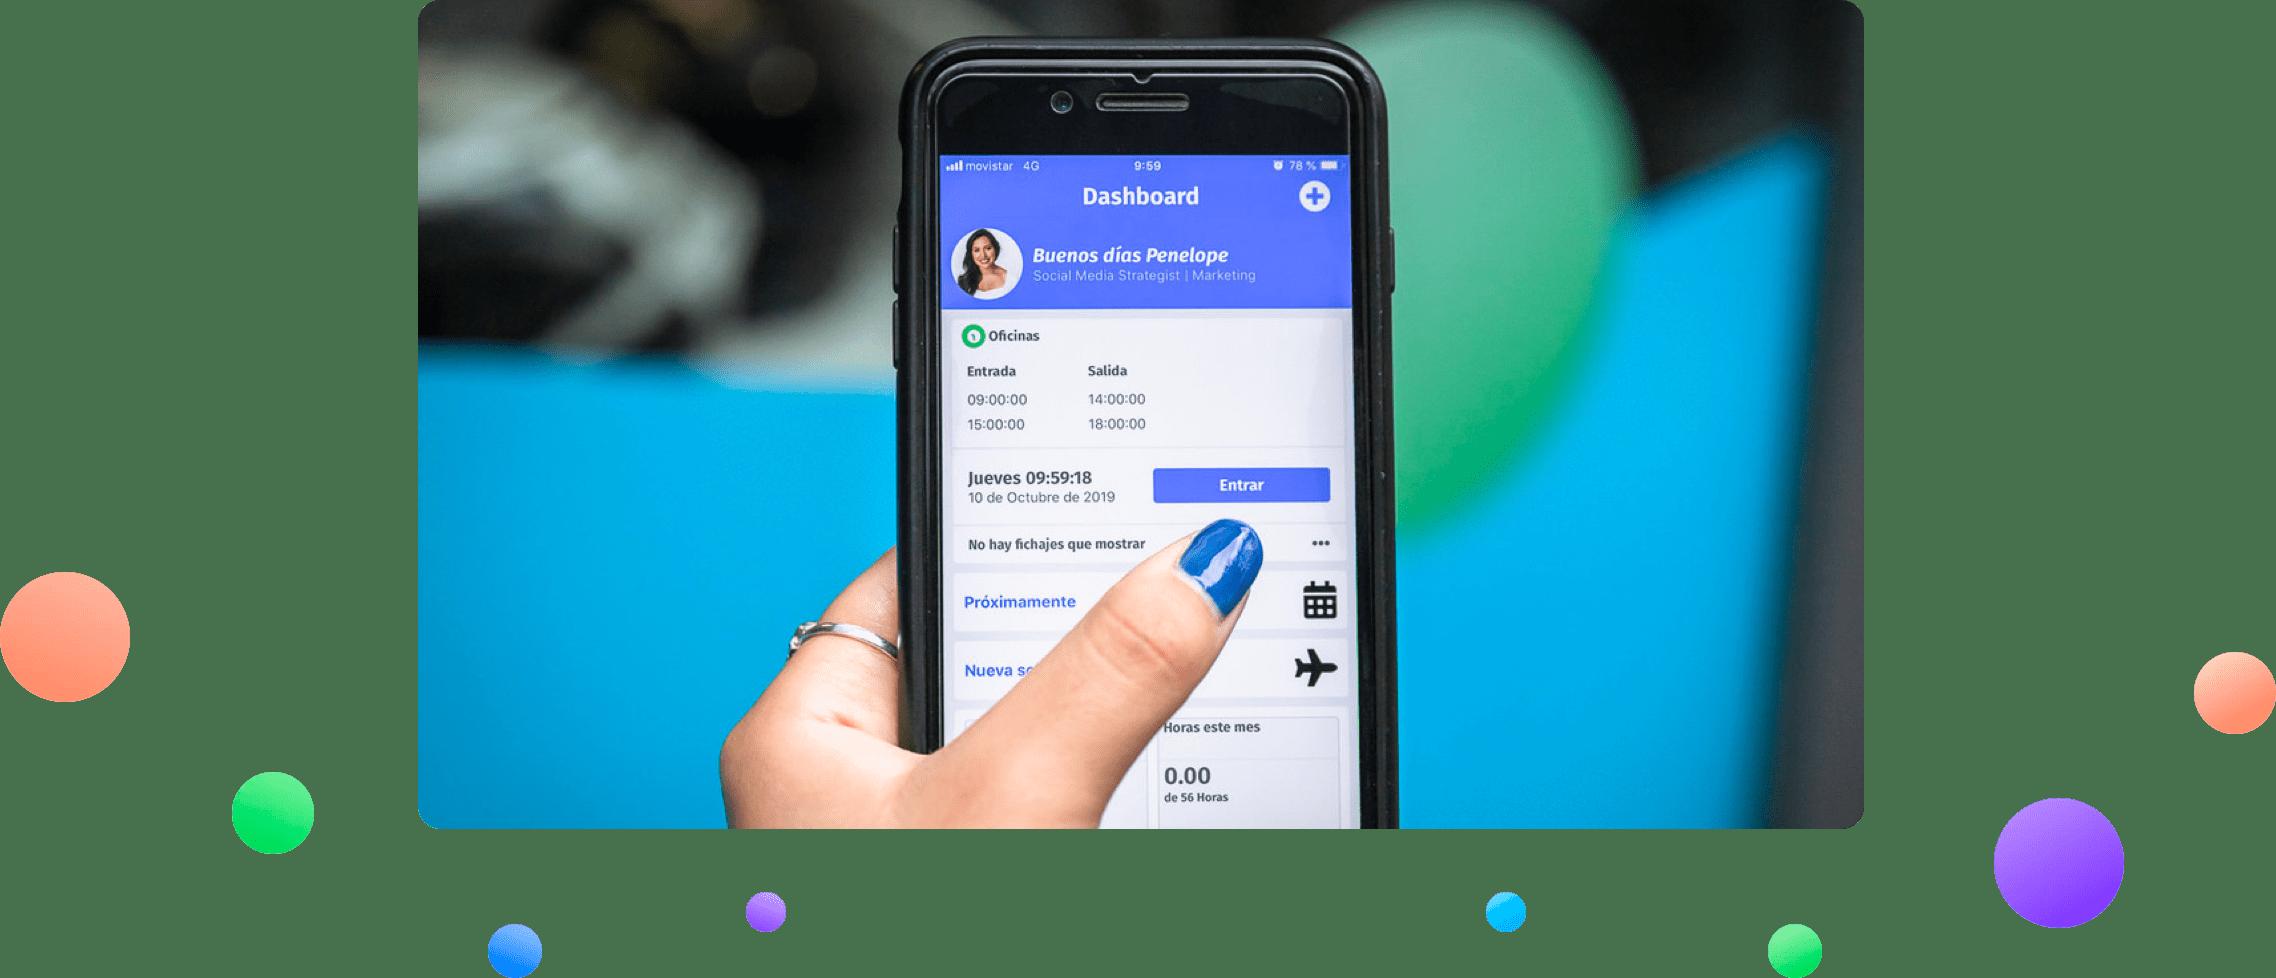 App Control horario y fichaje dashboard para fichar